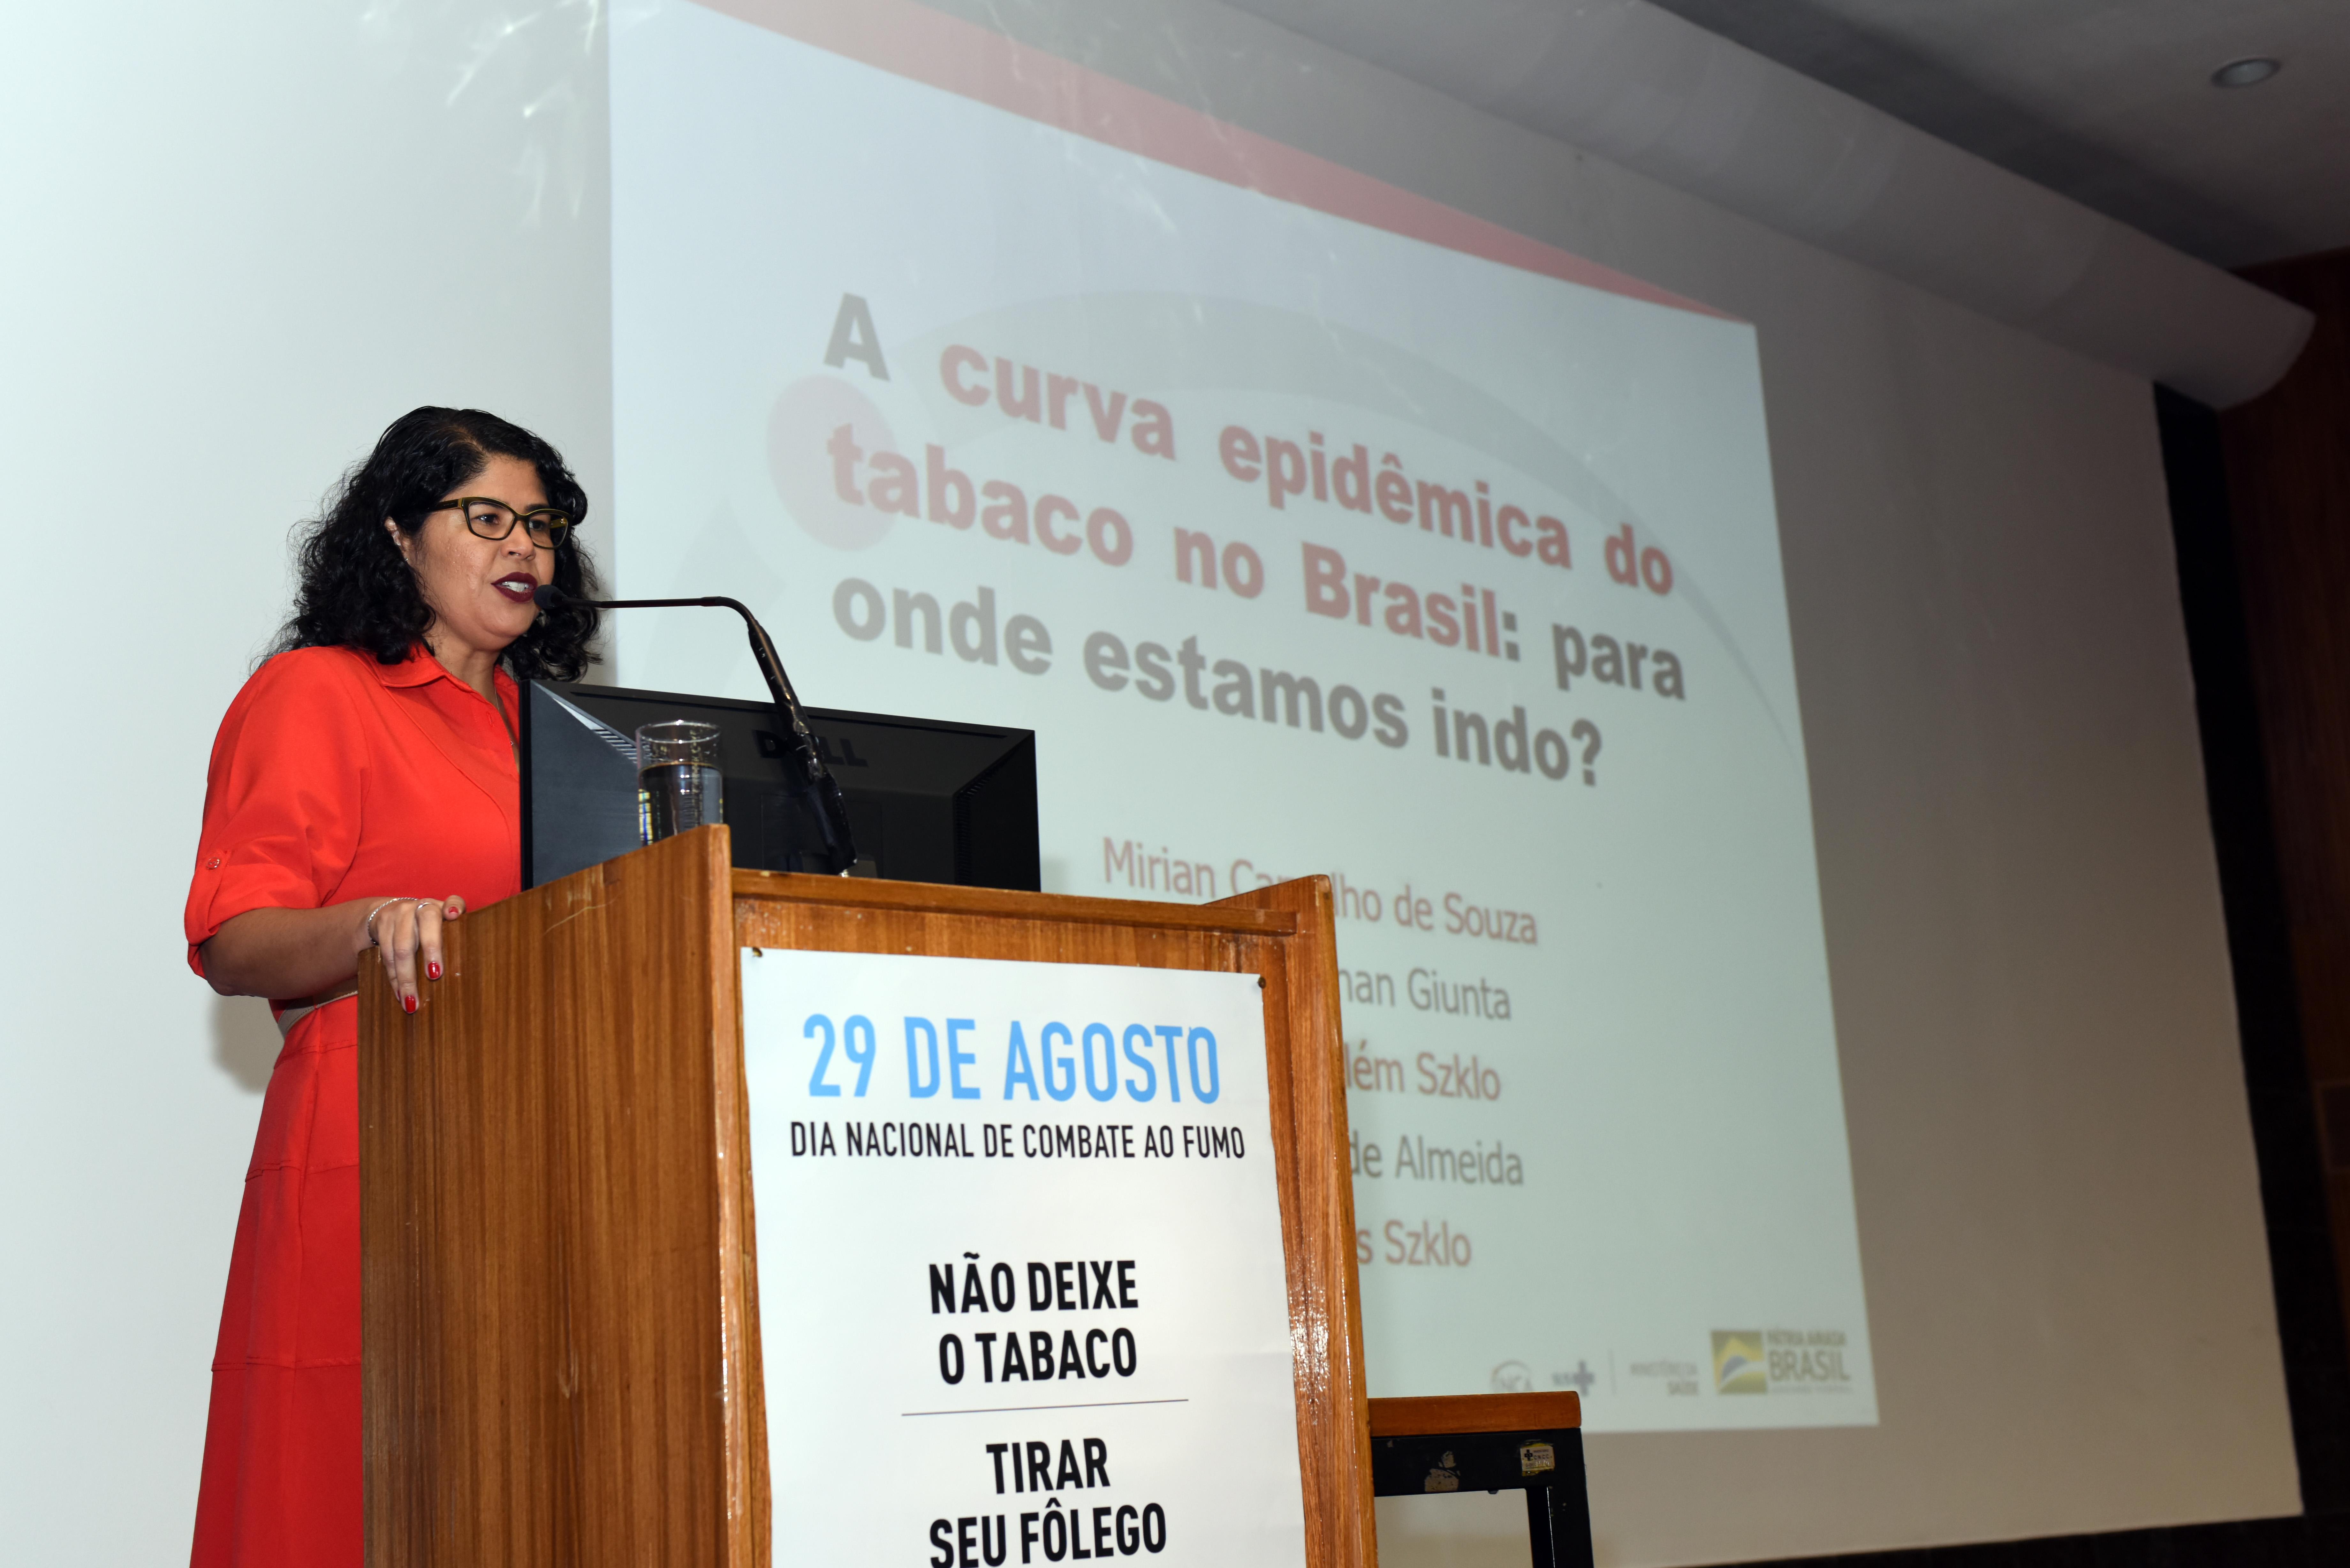 Pesquisadora Mirian Carvalho, da Divisão de Pesquisa Populacional do INCA, no palco, apresentando as conclusões do estudo sobre mortalidade no Brasil por câncer de pulmão